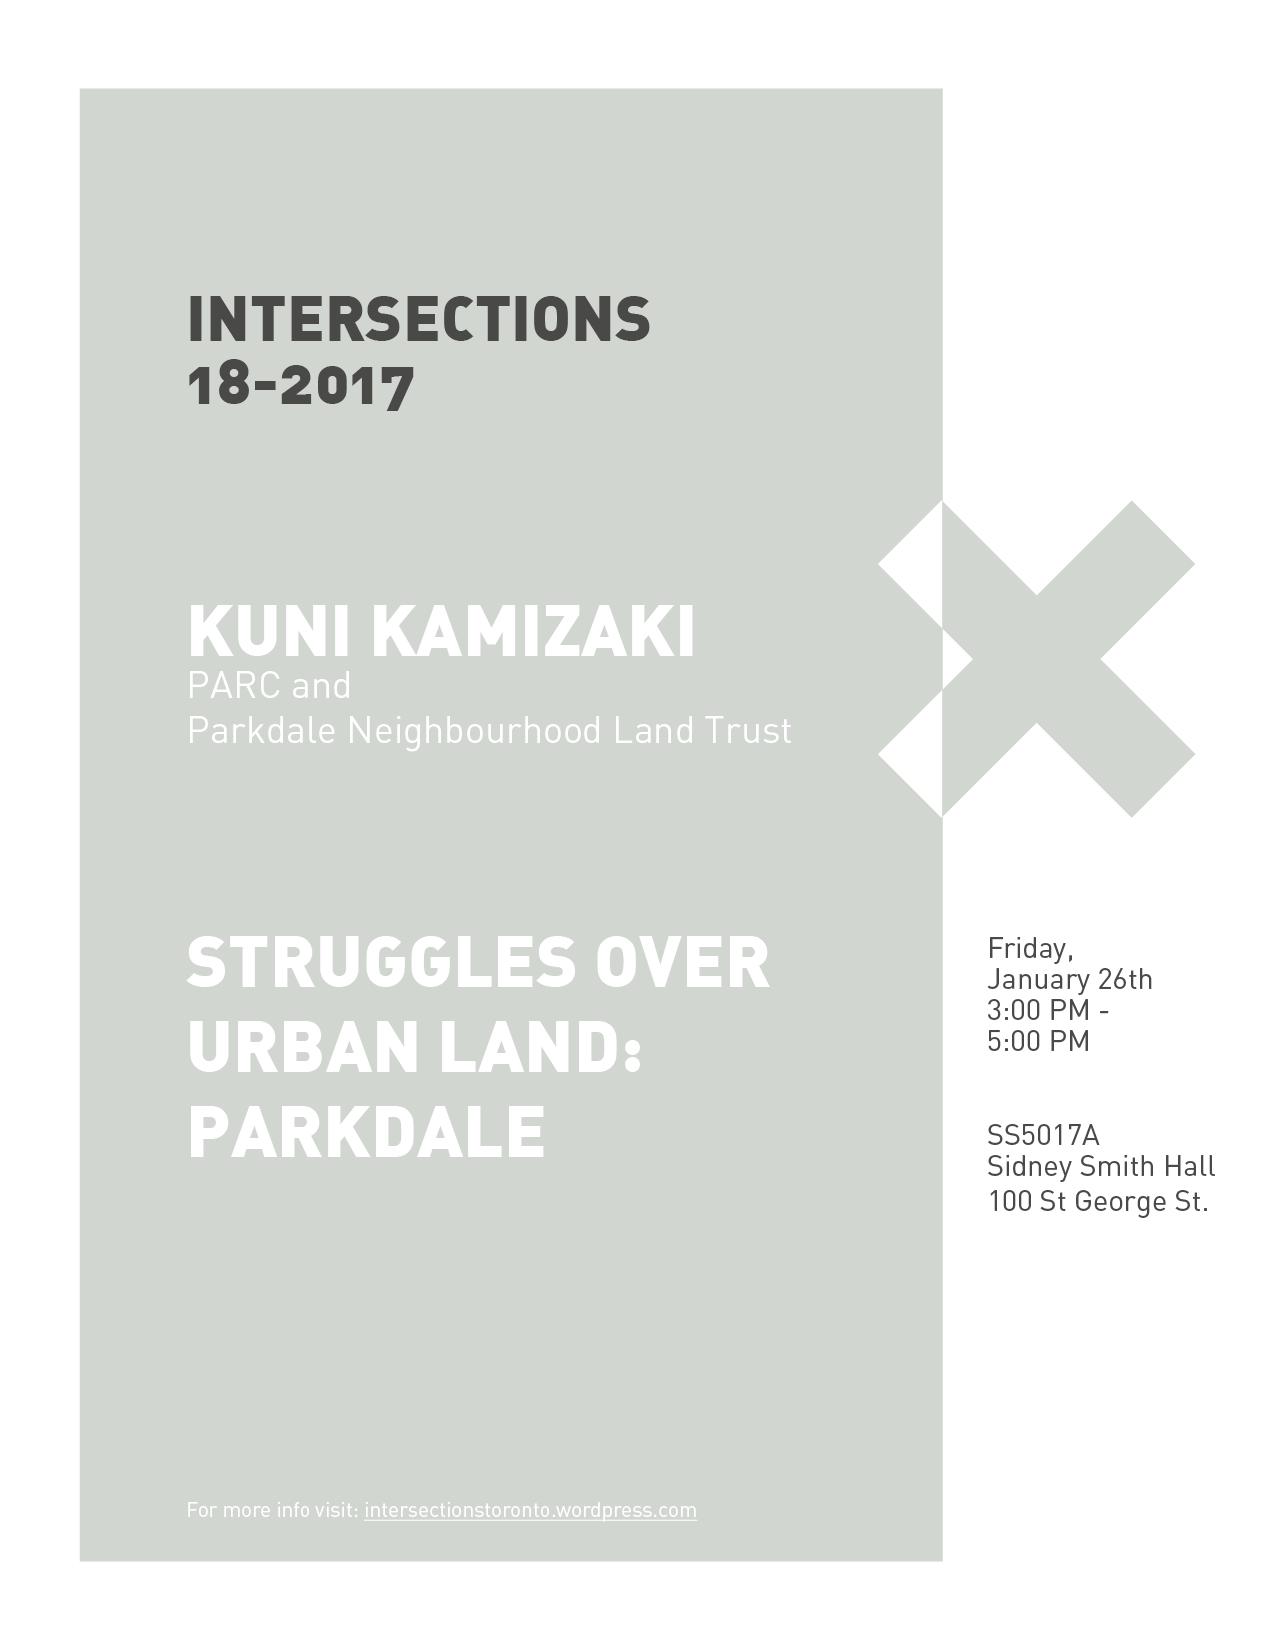 Jan26-Kuni-09